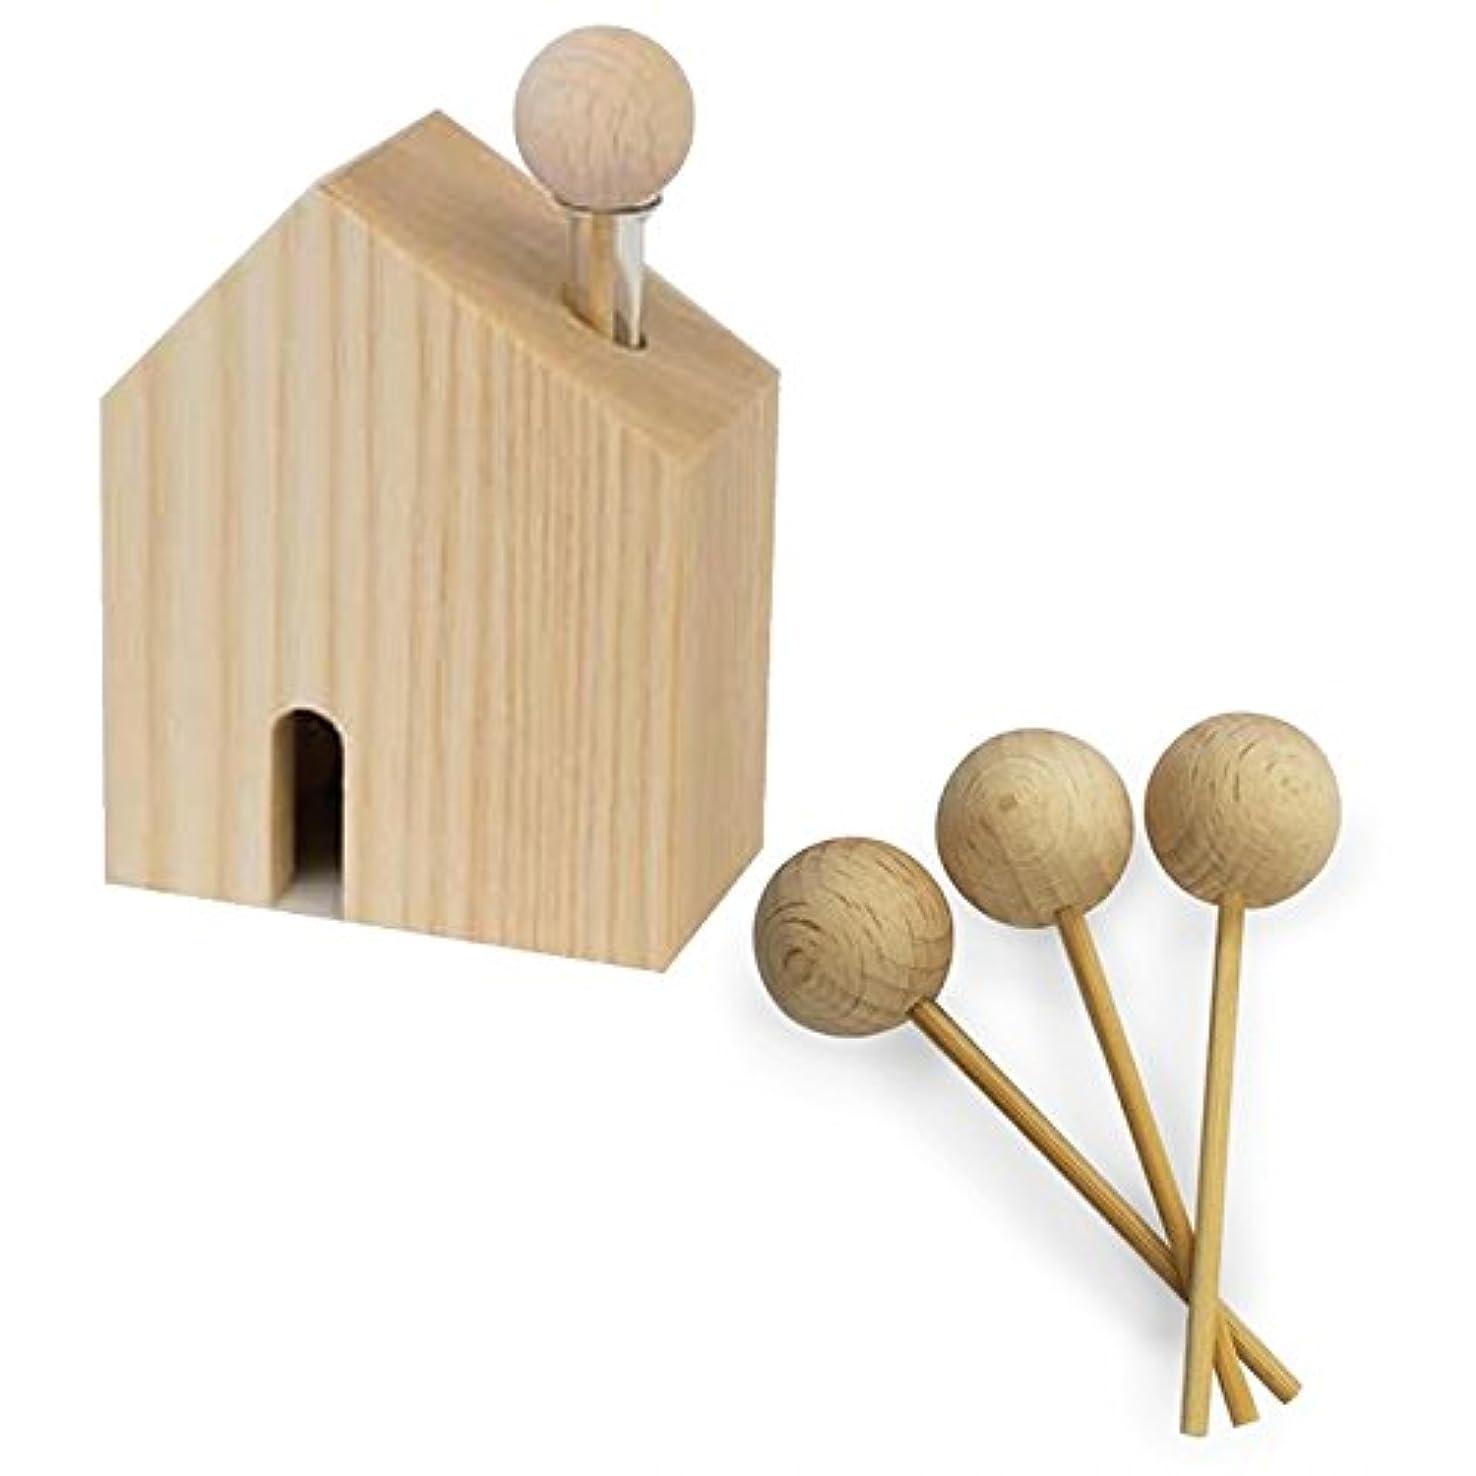 乞食頑張る下線HARIO ハリオ アロマ芳香器 木のお家 交換用木製スティック3本付